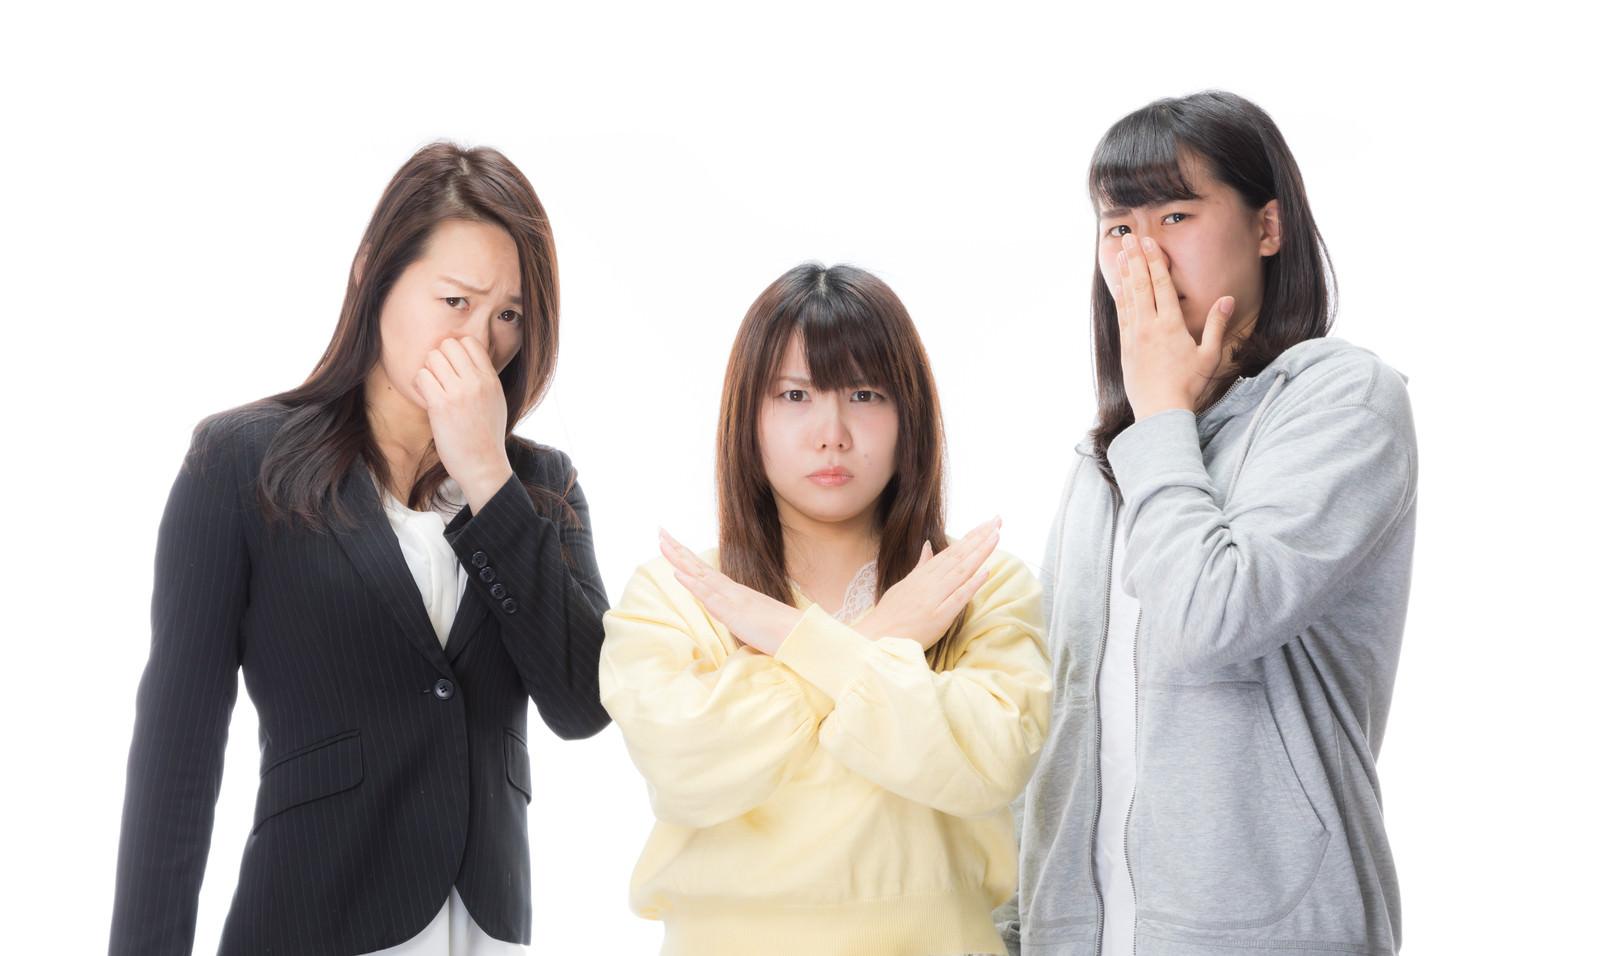 「不潔はダメゼッタイ不潔はダメゼッタイ」[モデル:Lala Mizuho 土本寛子]のフリー写真素材を拡大